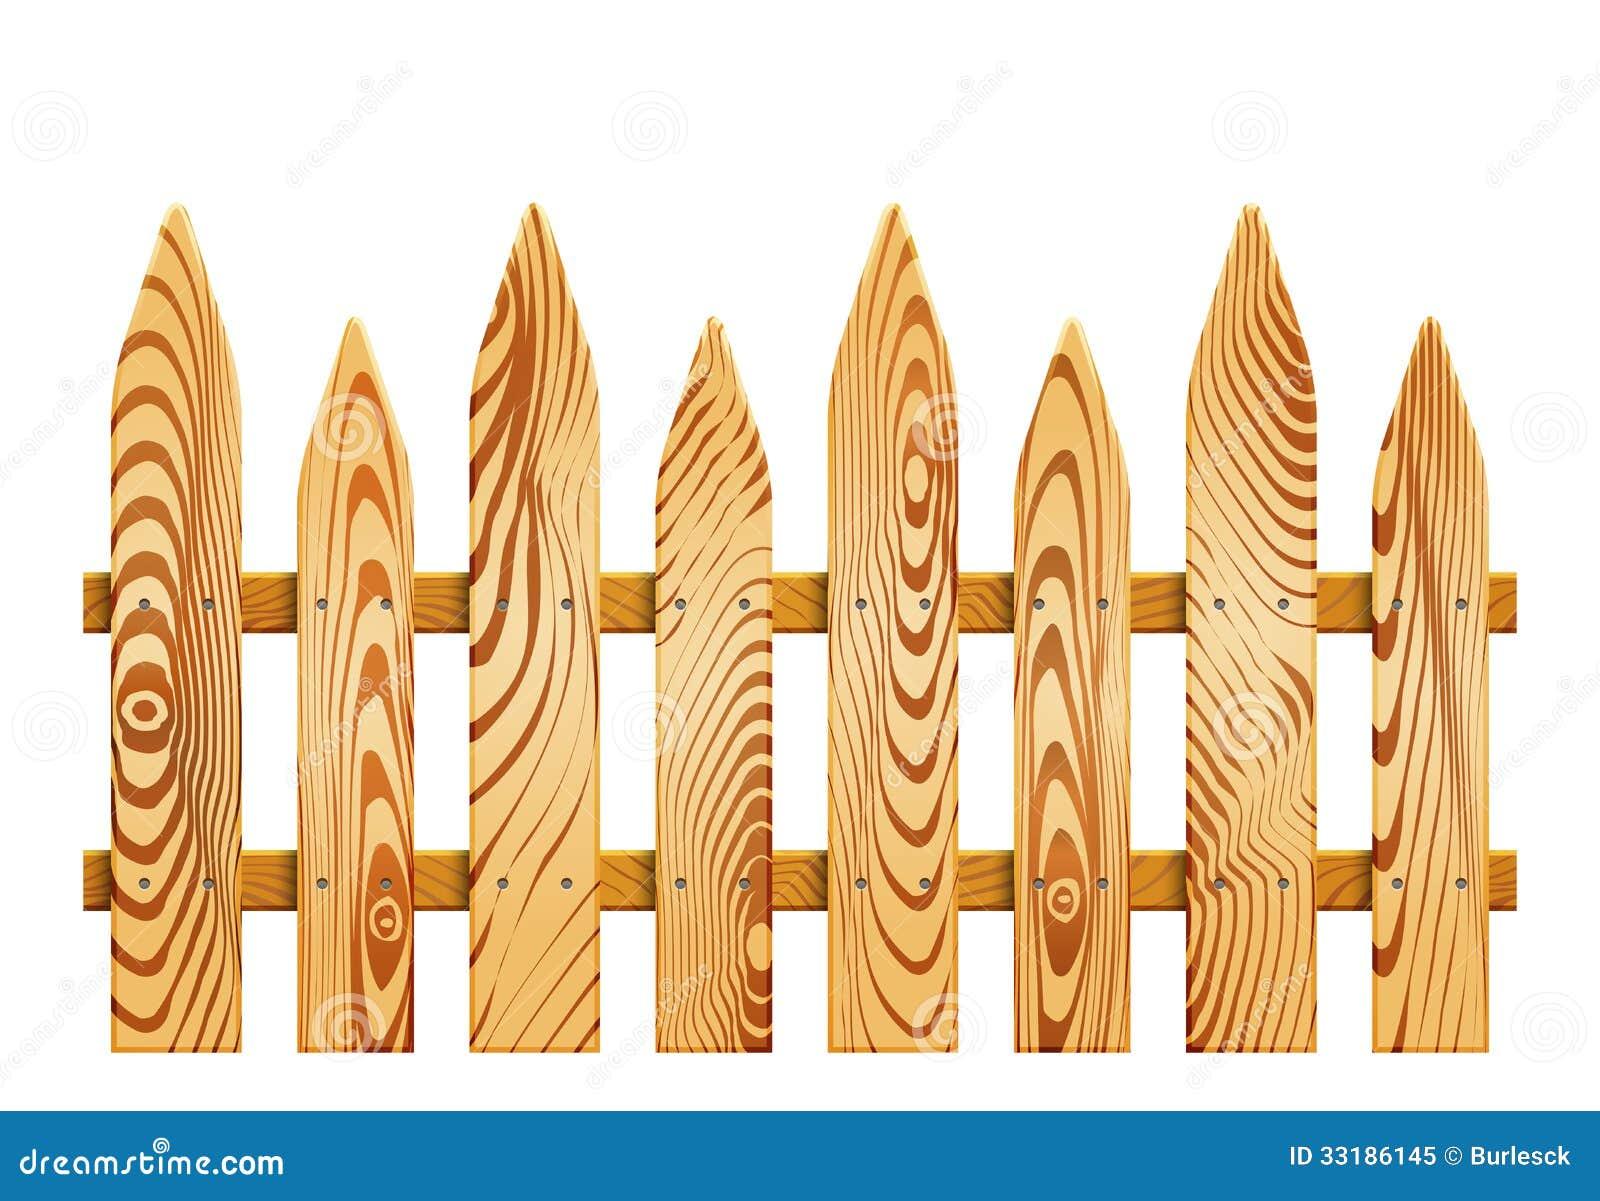 Wood Fence Royalty Free Stock Photo Image 33186145